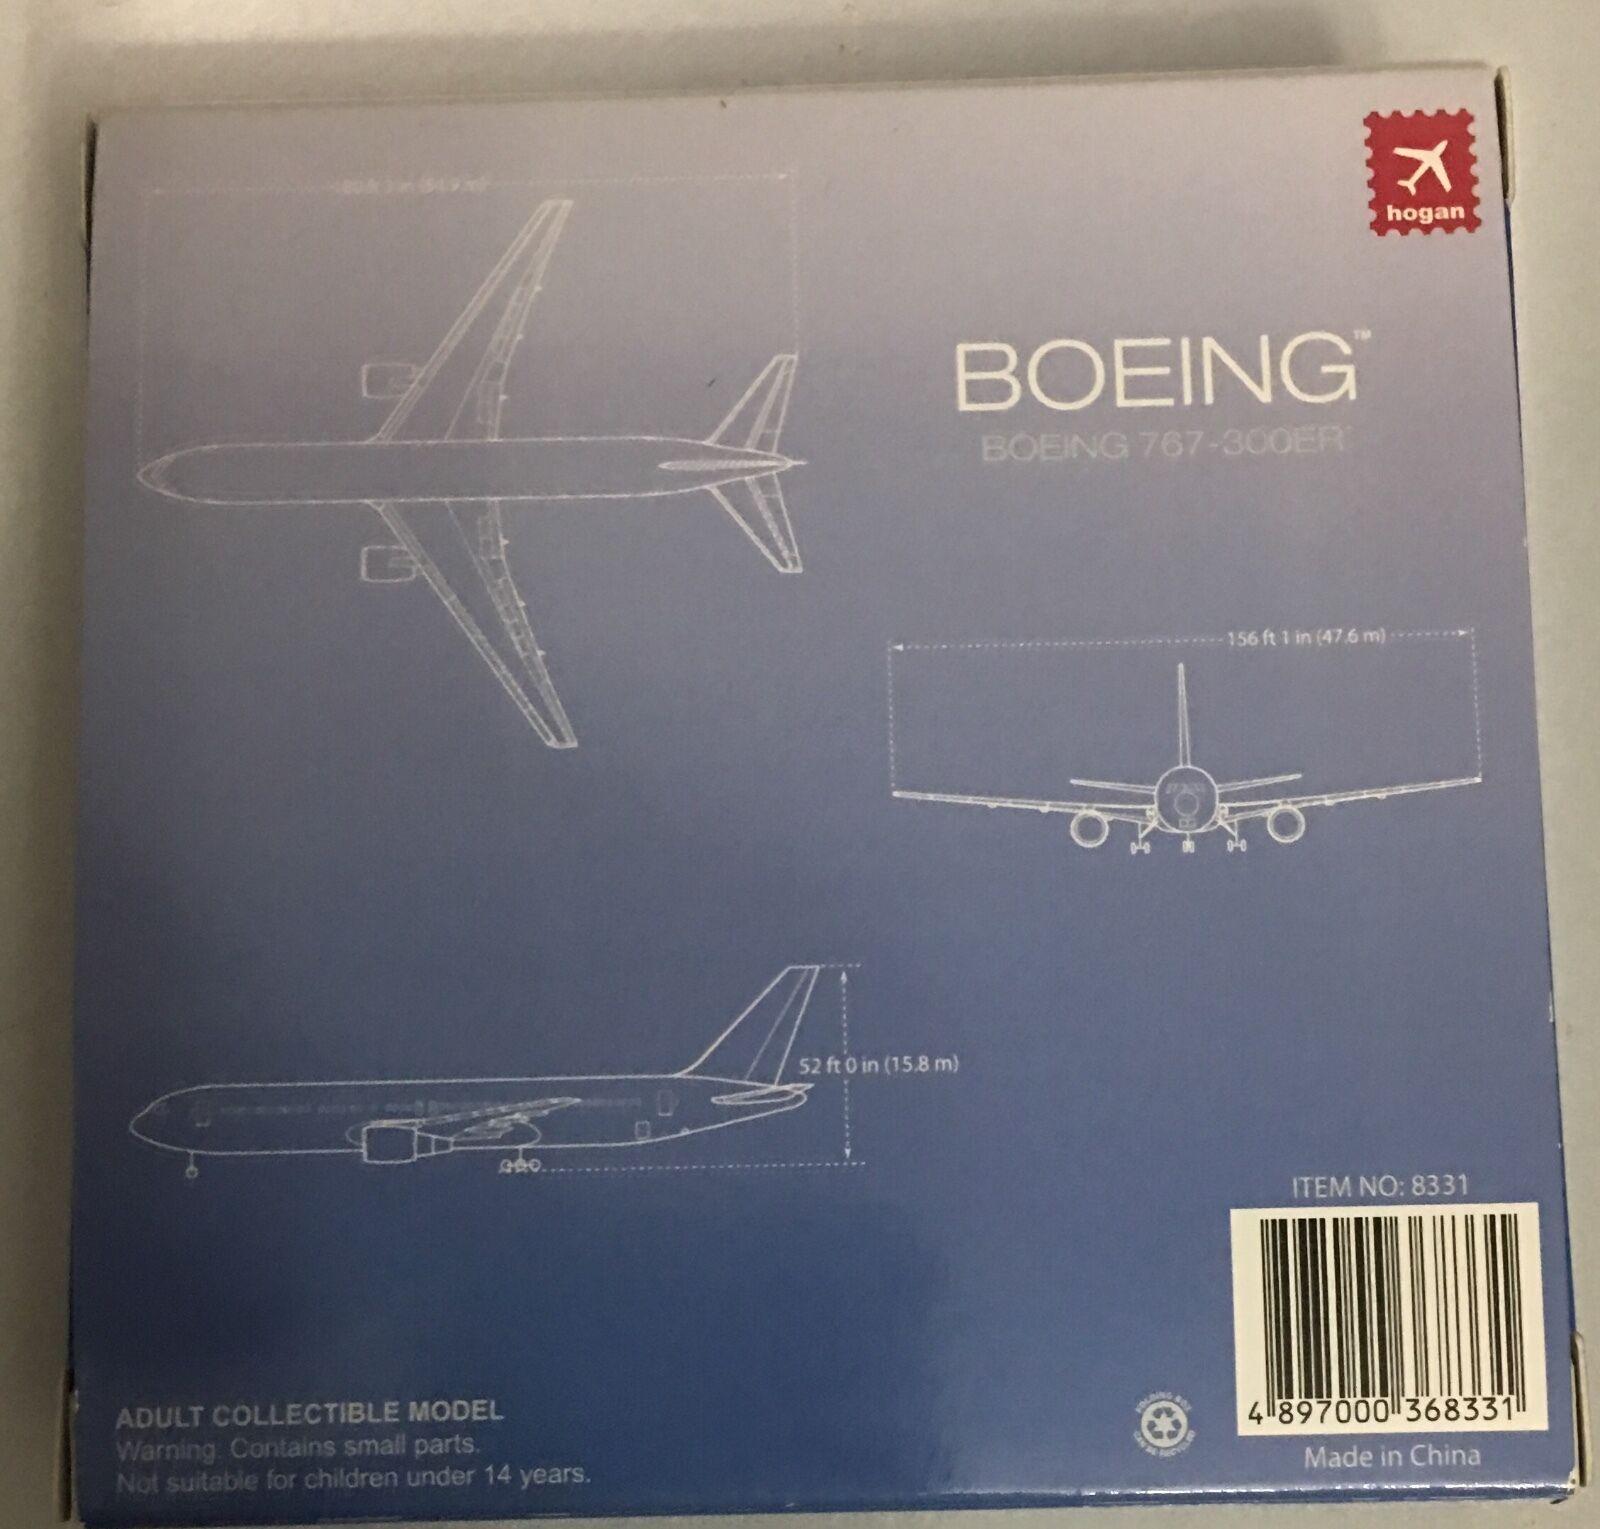 Hogan Hogan Hogan Air Force Boeing 767-300ER 1 500 SCALE NIB Model 20b72d